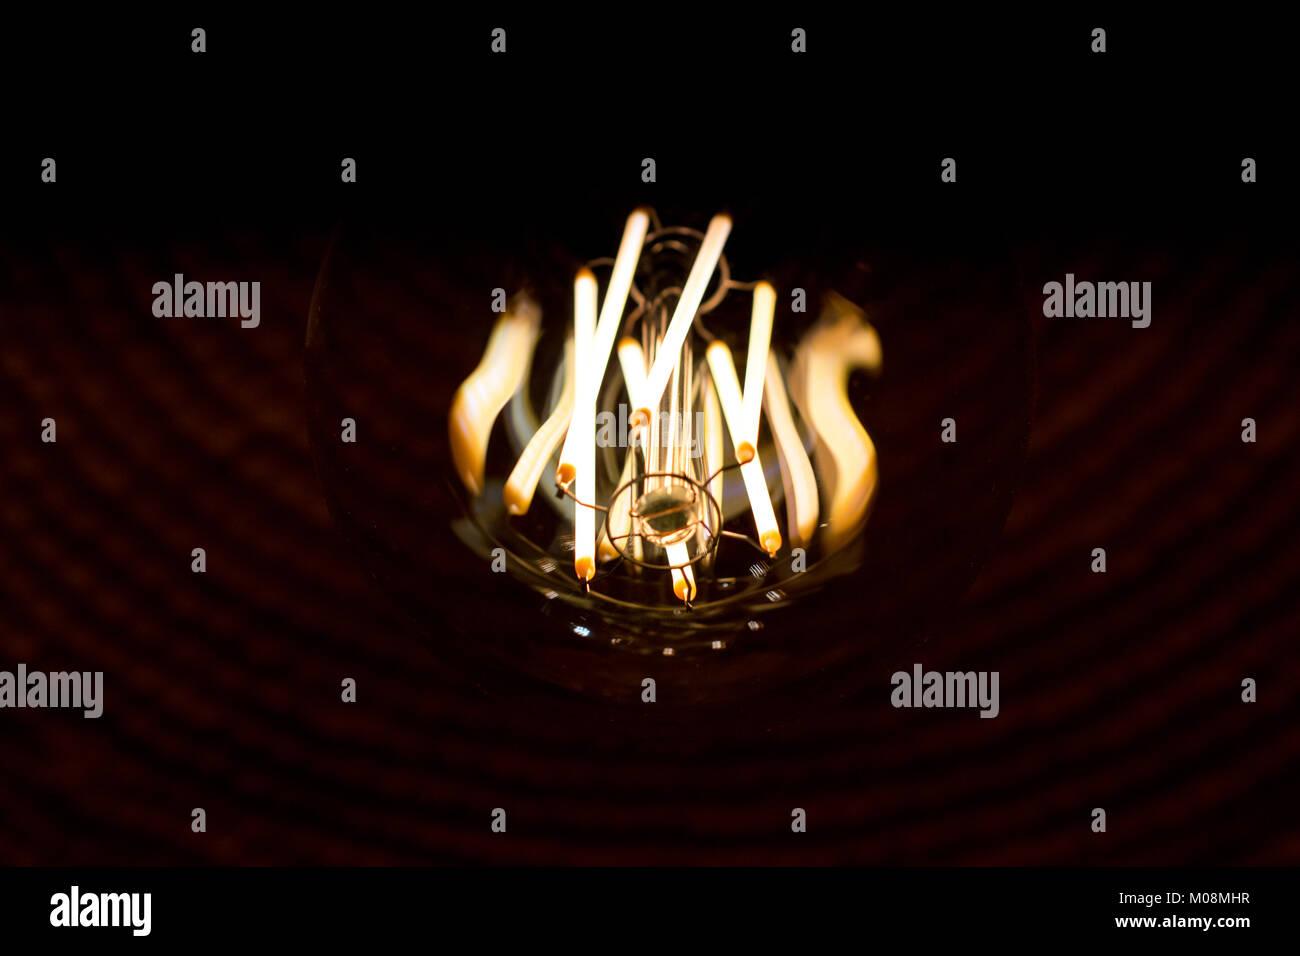 Dekorative Edison Stil Glühbirnen Sind In Der Tat Moderne LED Lampen Wie  Old School Look. Erstellen Von Alten Stil Suchen Und Speichern